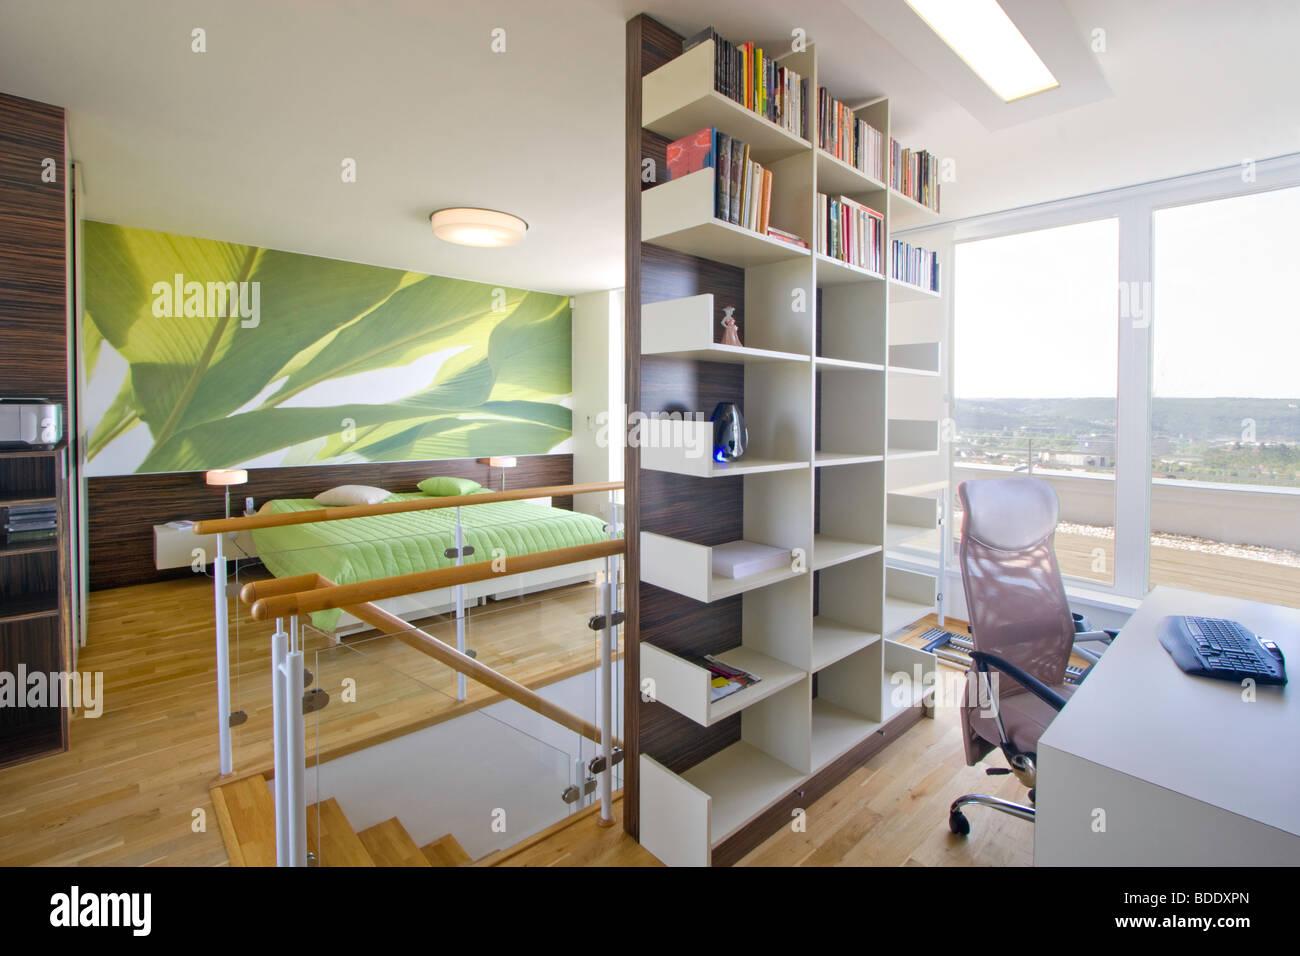 Dormitorio y estudio en casa moderna Imagen De Stock